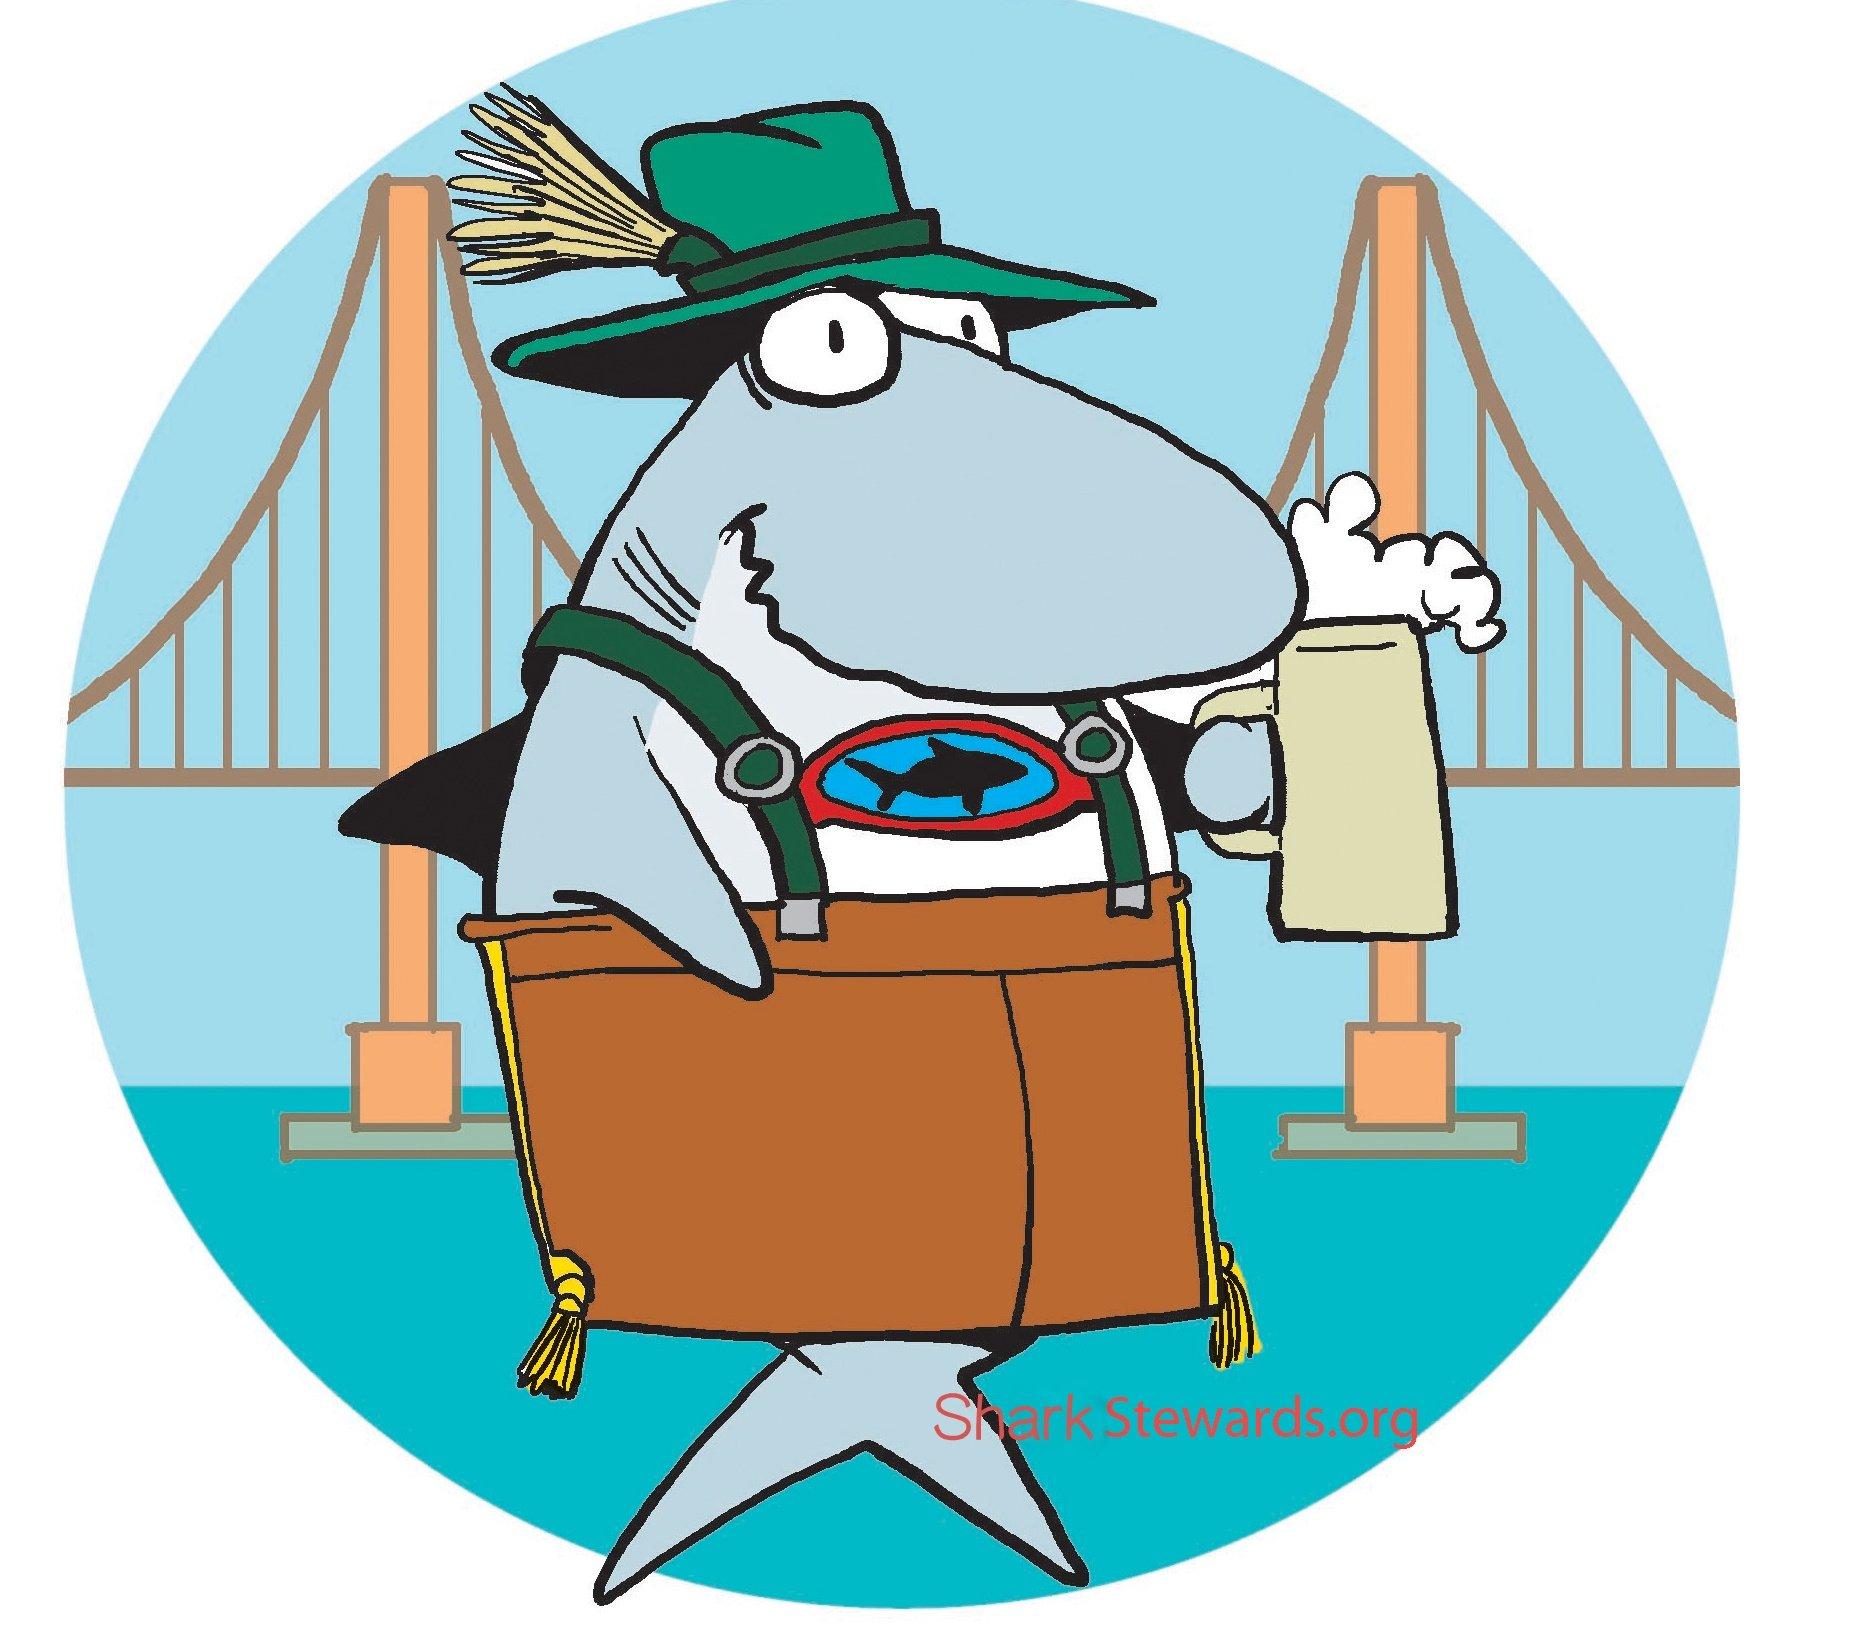 Sherman the shark